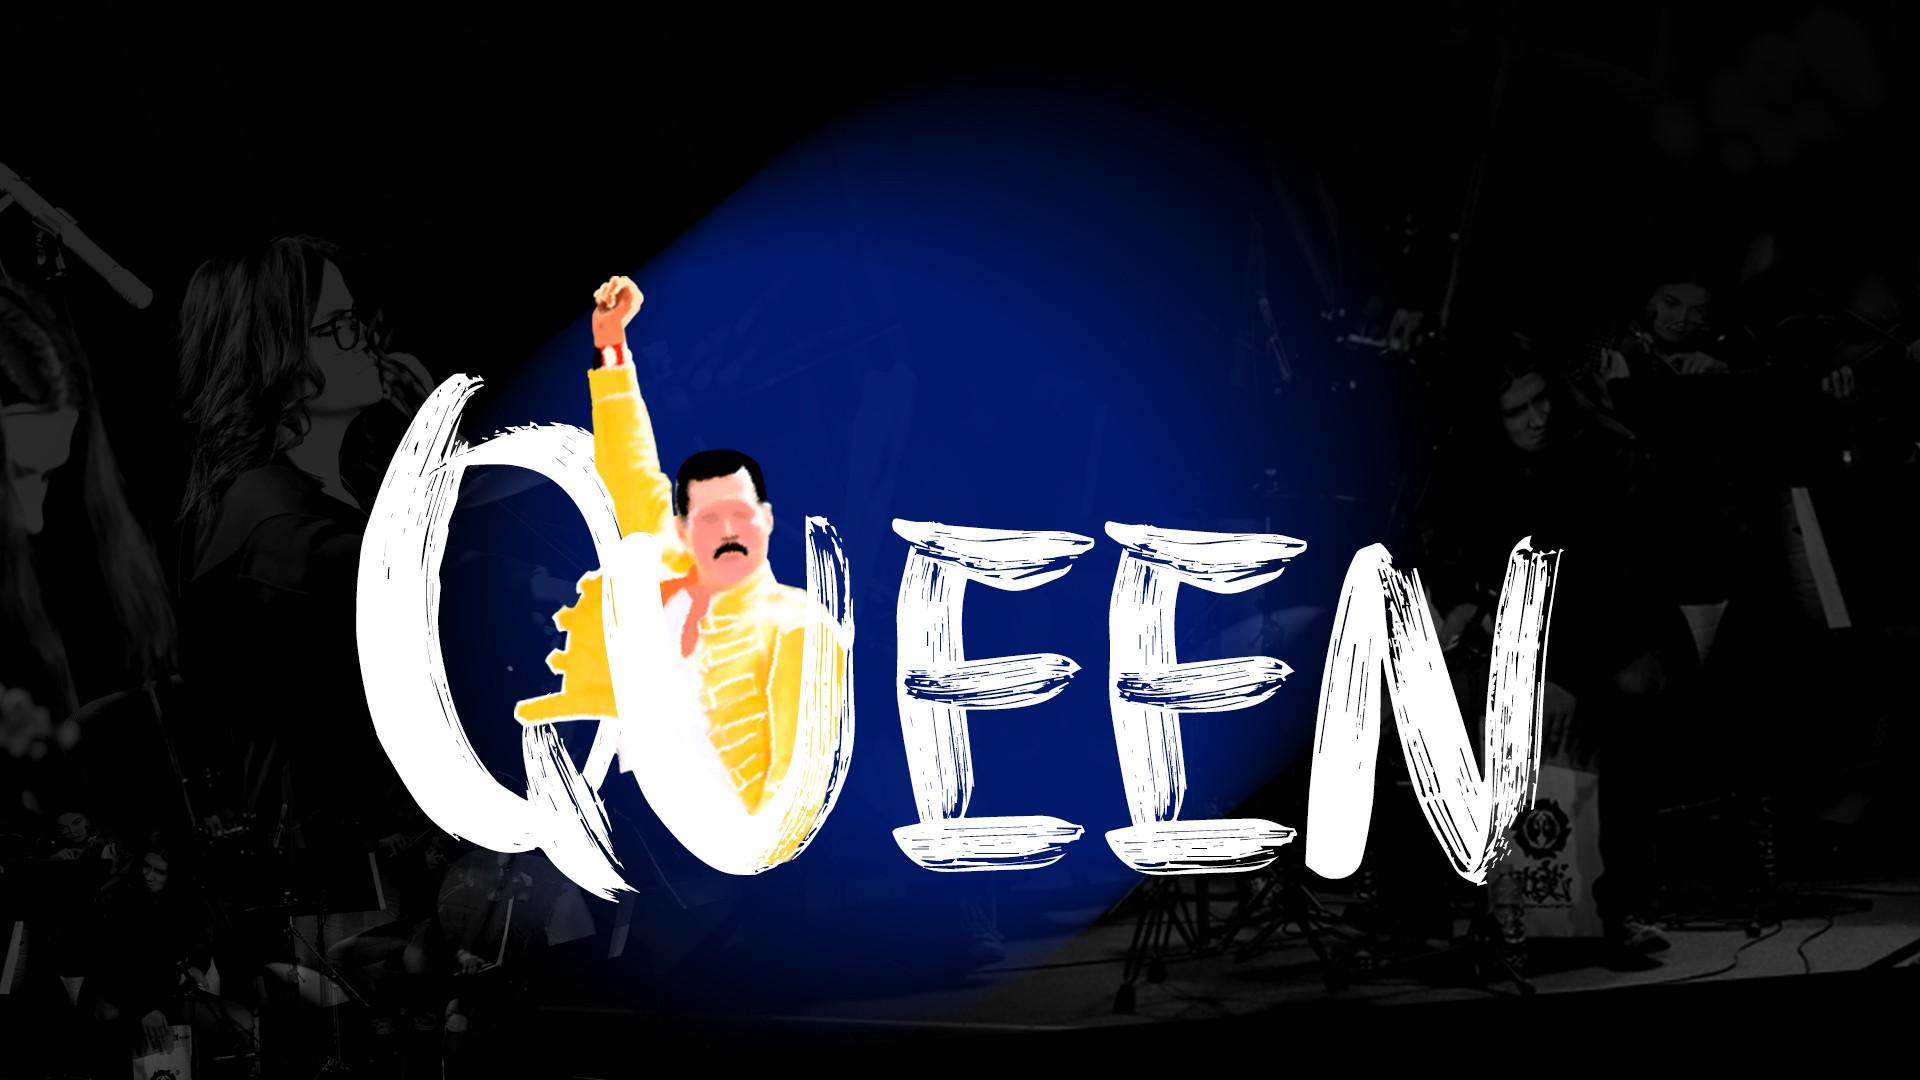 """Камерный оркестр """"Hard Rock Orchestra"""". Концертная программа """"Хиты группы """"Queen"""" в день рождения Фредди Меркьюри"""""""